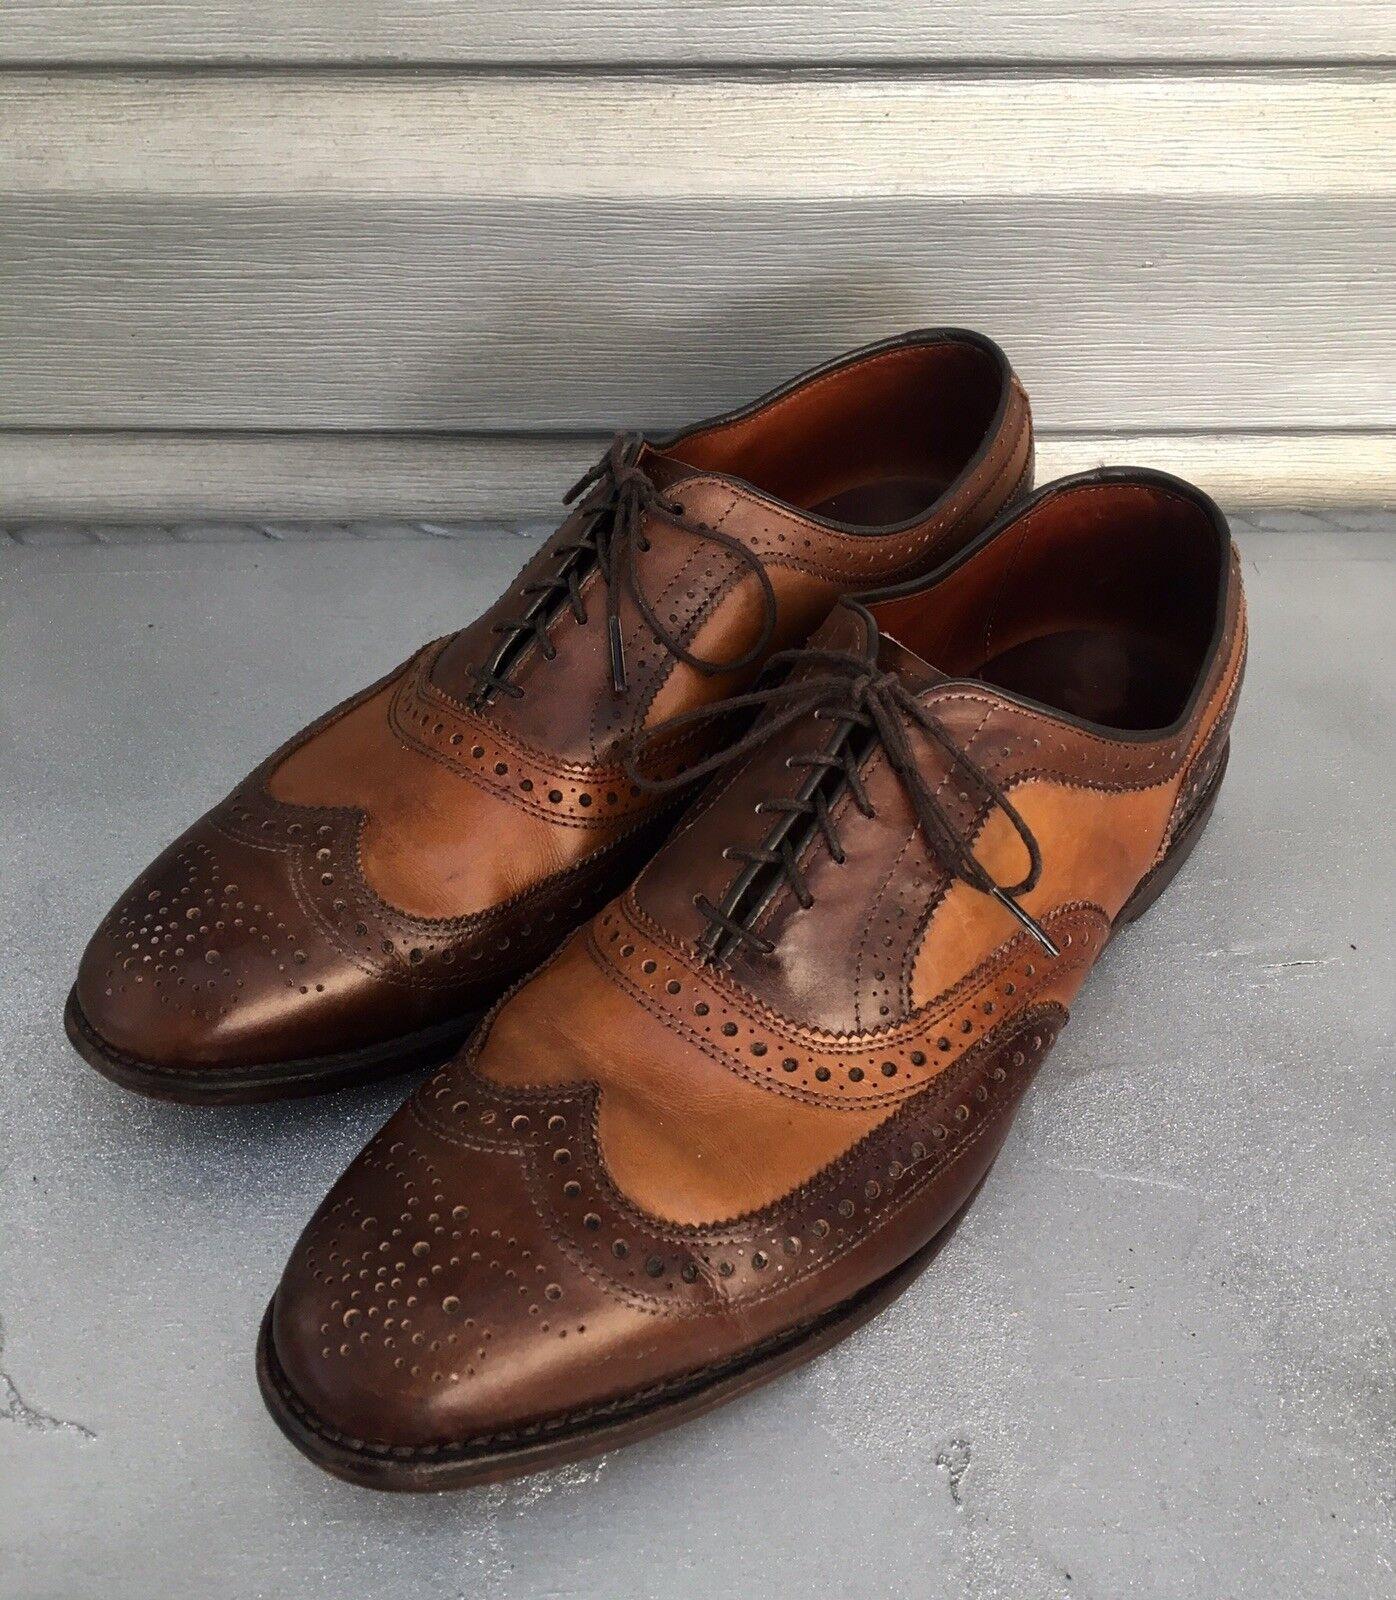 ALLEN EDMONDS braun Cognac Broadstreet Leather Wing Tip Tip Wing Oxford Dress schuhe RARE effb19